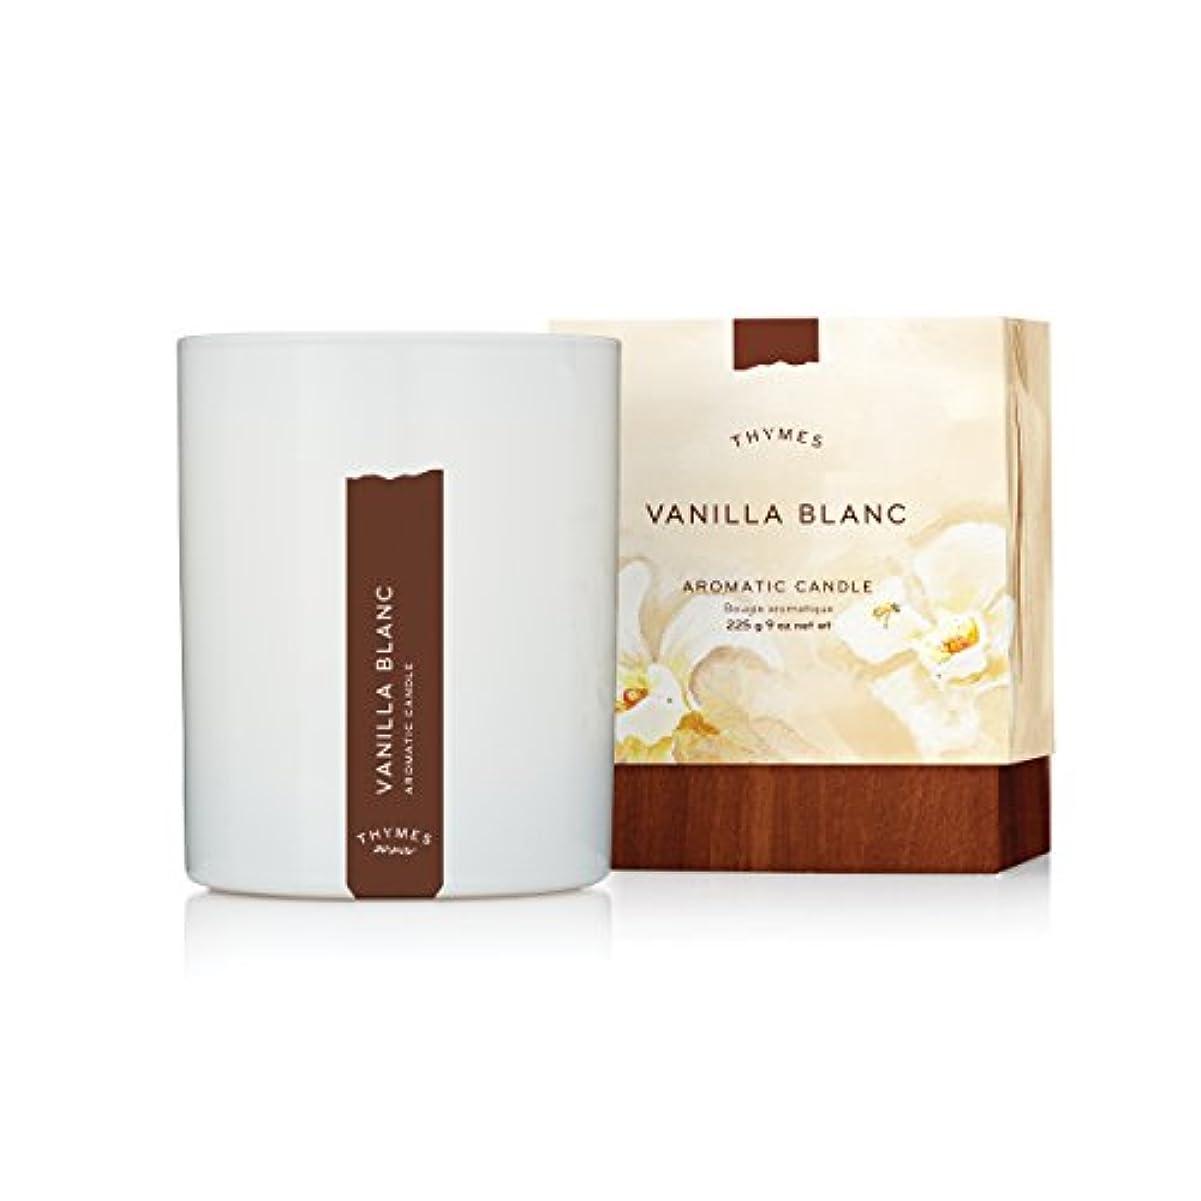 階段優雅ブレースThymes - Vanilla Blanc Aromatic Scented Candle - Long Lasting Warm Vanilla Scent with Gift Box - 9 oz